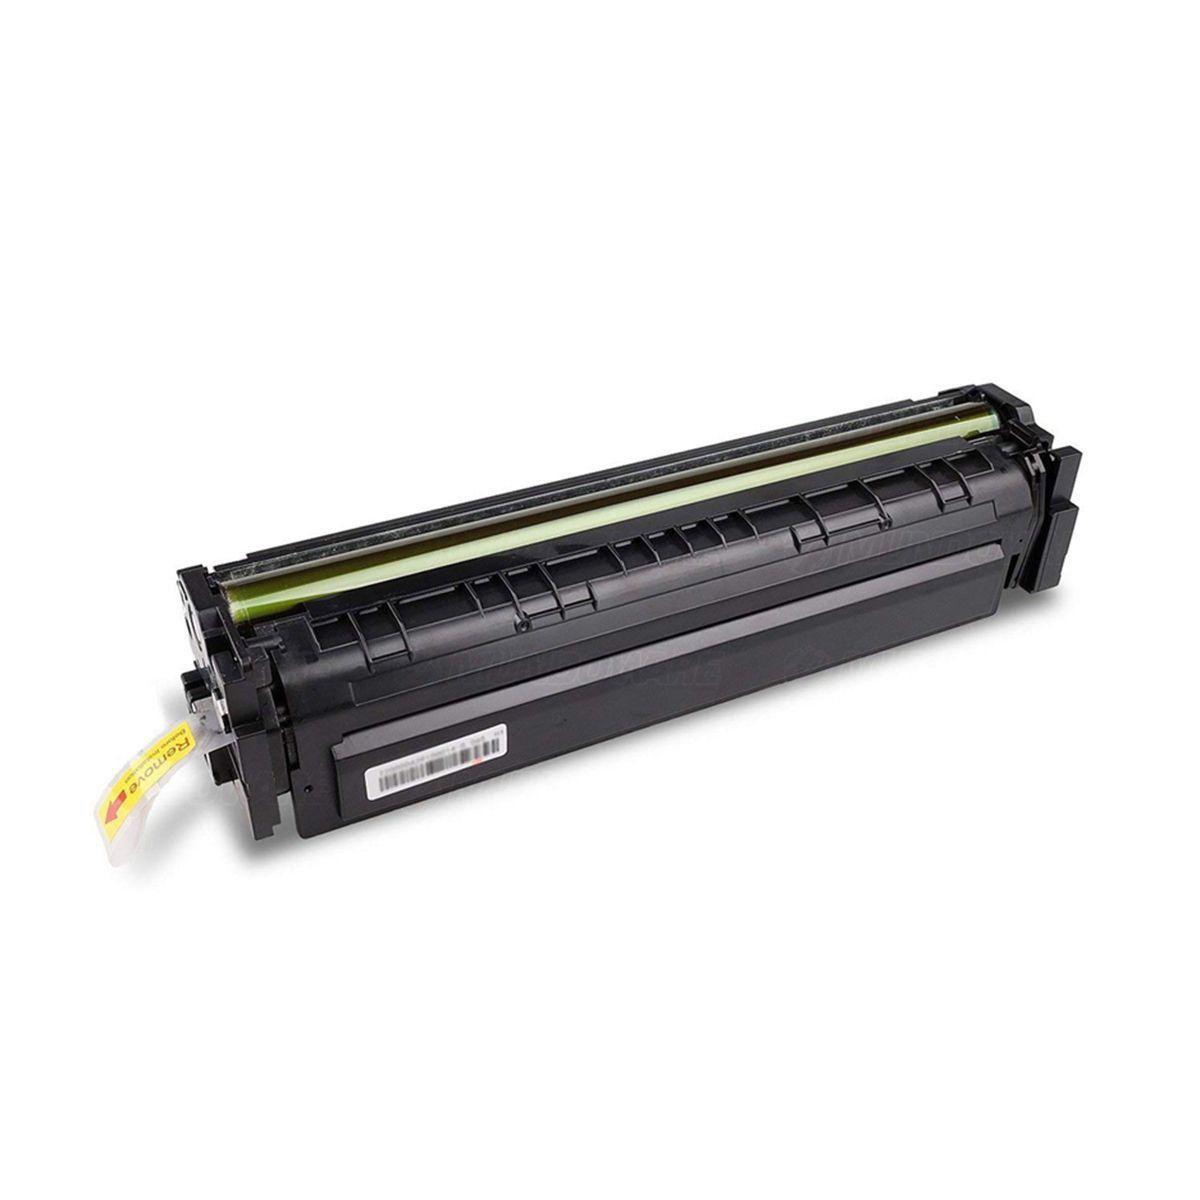 Compatível: Toner CF501A 501A para impressora HP M281nw M281fdn M281fdw M280nw M254dn M254dw M254nw / Ciano / 1.300